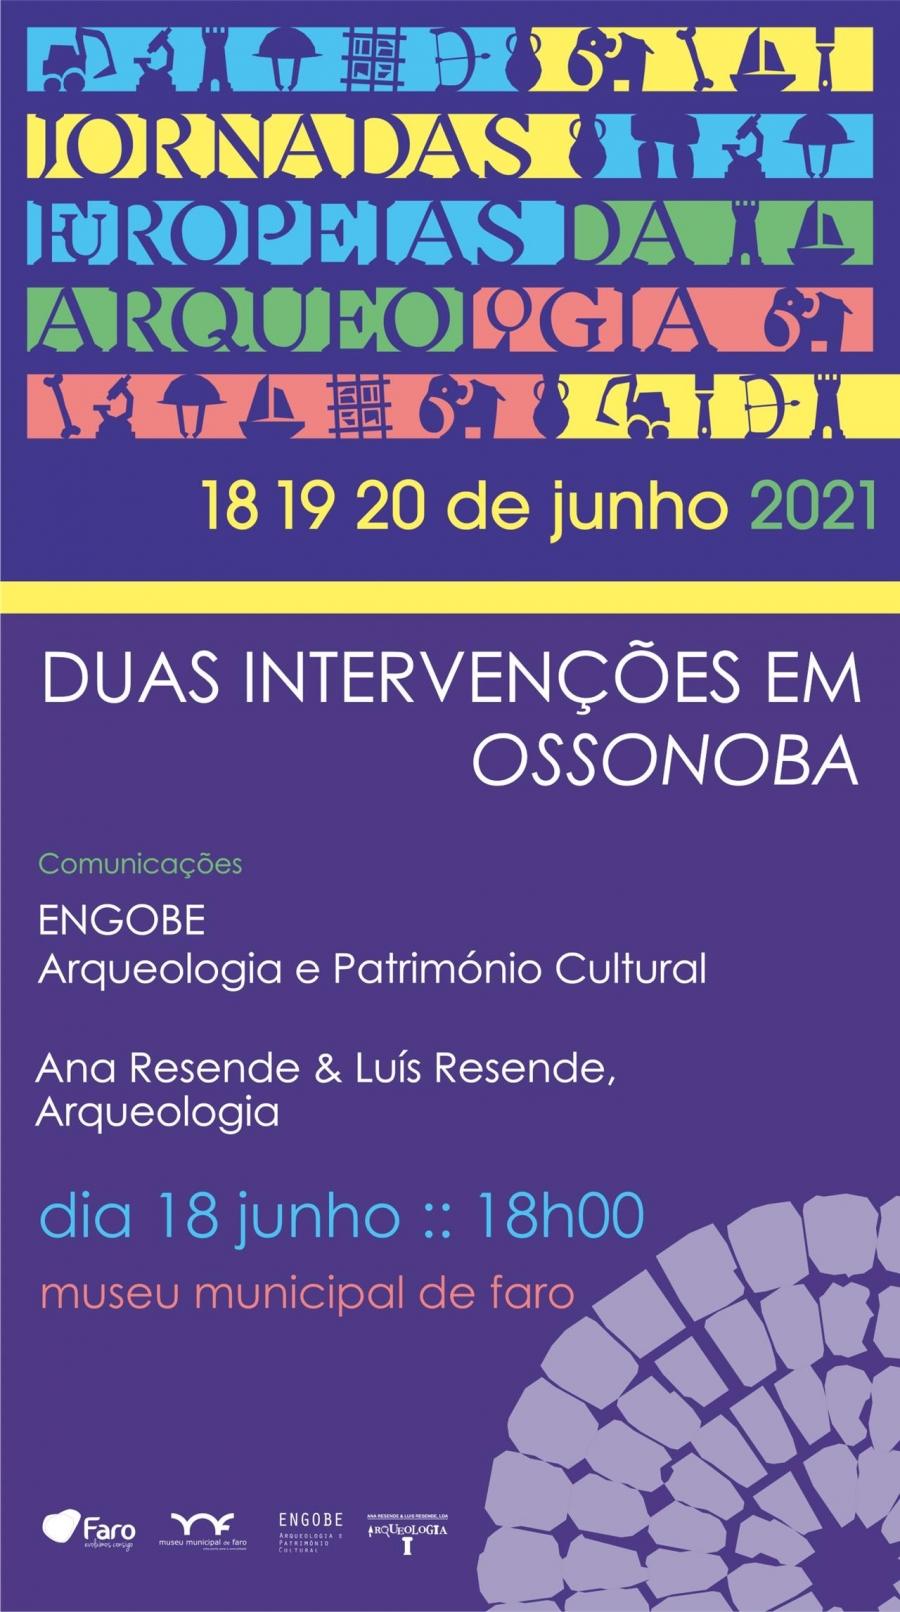 Jornadas Europeias da Arqueologia 2021